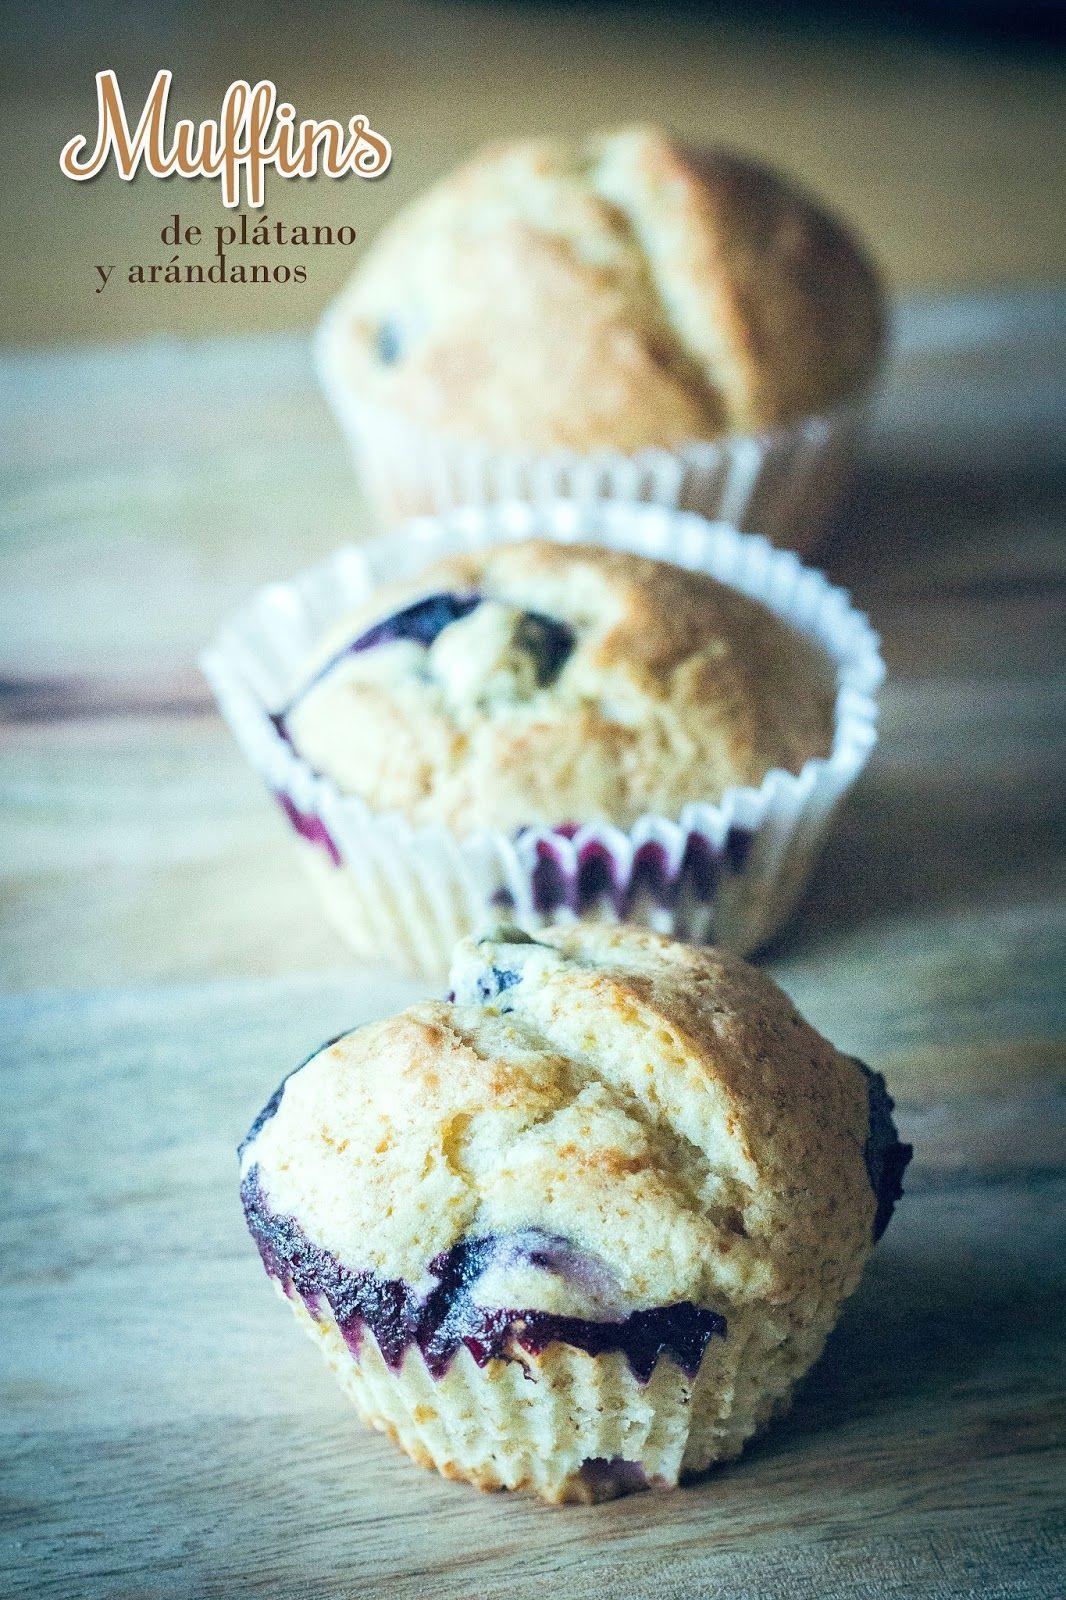 Cocina para novatos en tiempos de crisis muffins de platano con arandanos mar a gordon - Cocina para novatos ...